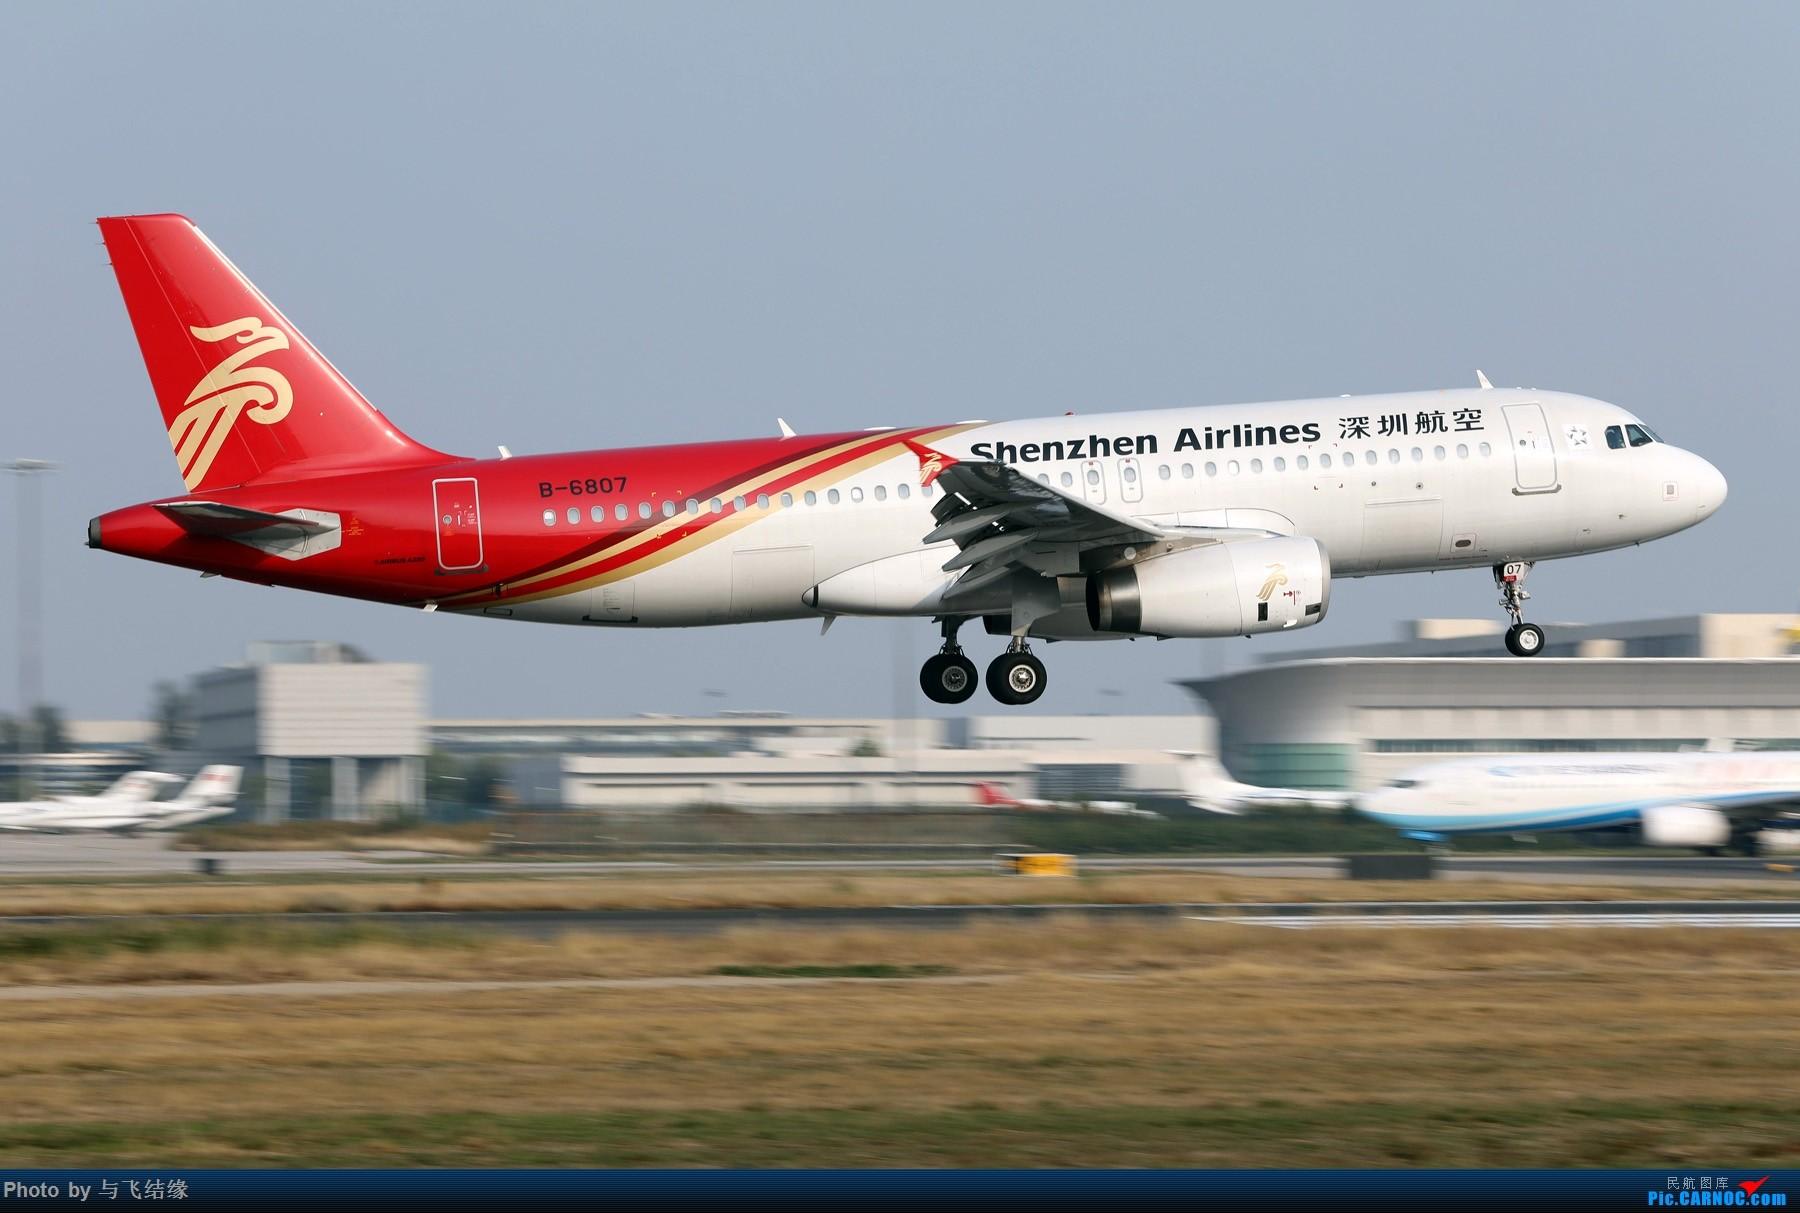 Re:[原创]深圳航空B-6807,Airbus A320-200在PEK降落瞬间三连拍。 AIRBUS A320-200 B-6807 中国北京首都国际机场